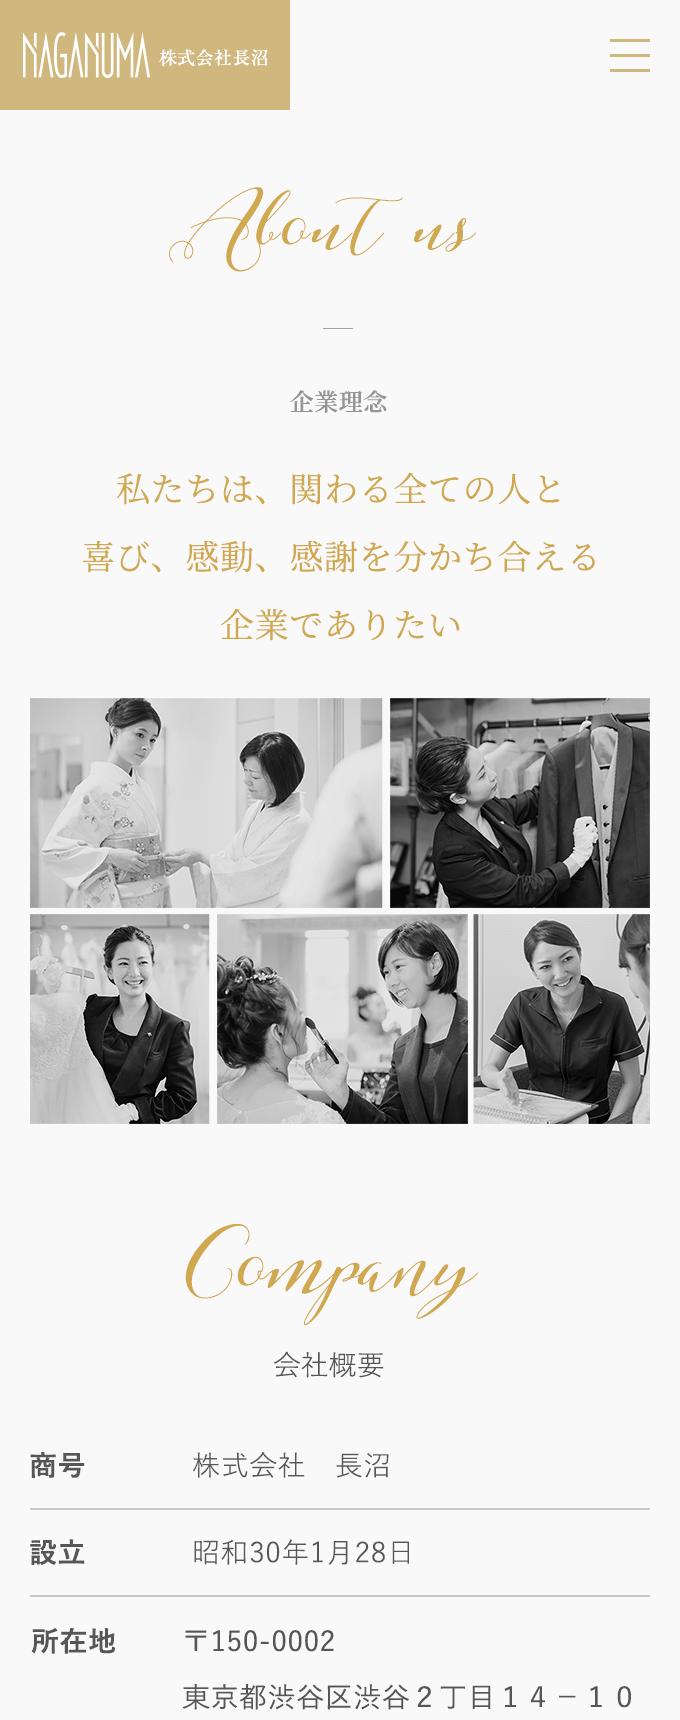 株式会社長沼スマホビュー03